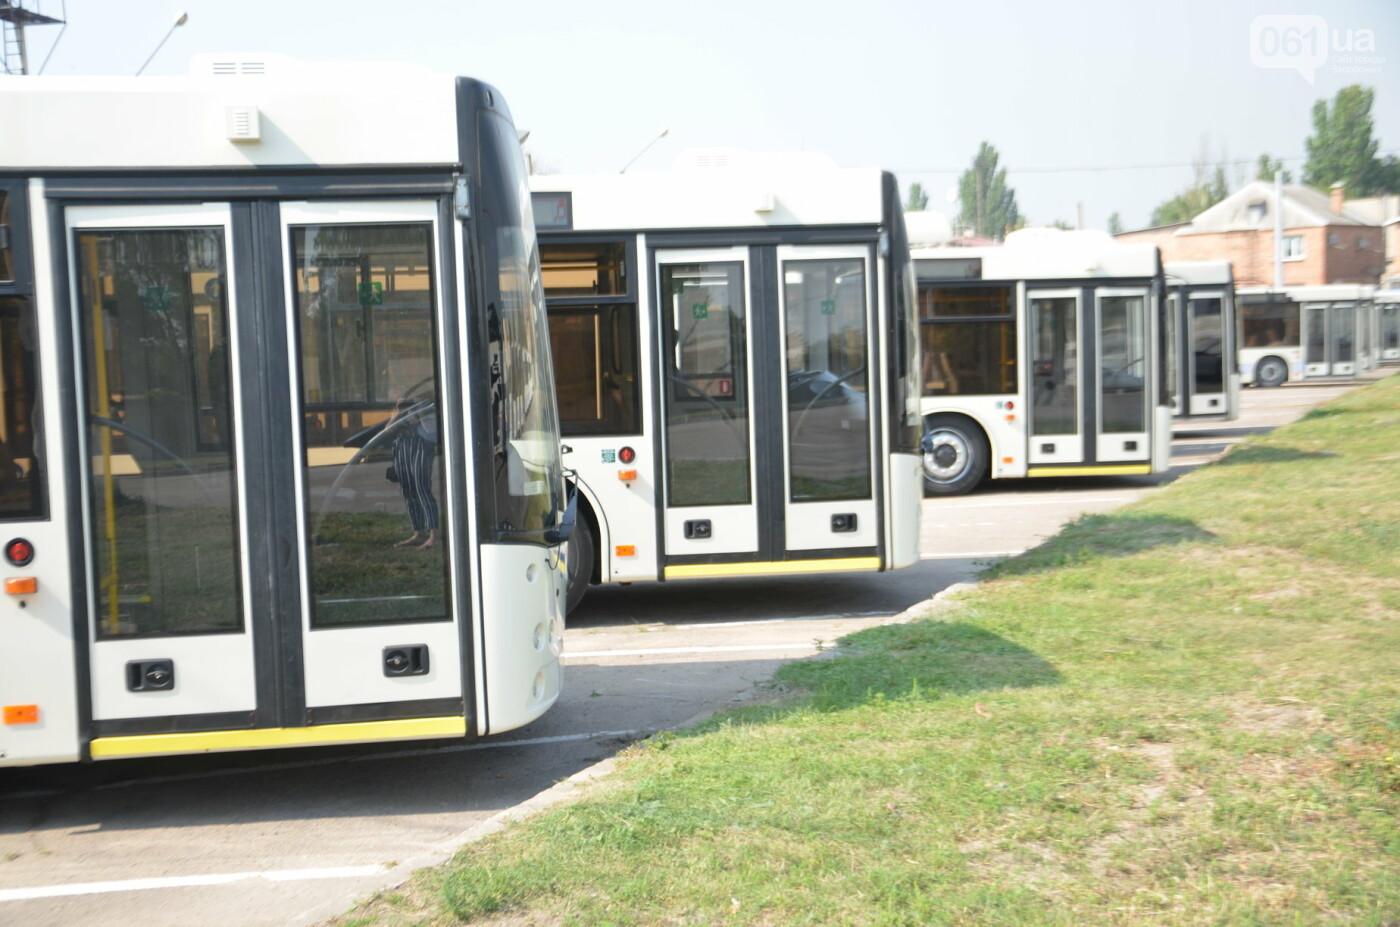 В Запорожье на линию выйдут пять новых троллейбусов с автономным ходом, - ФОТОРЕПОРТАЖ, фото-6